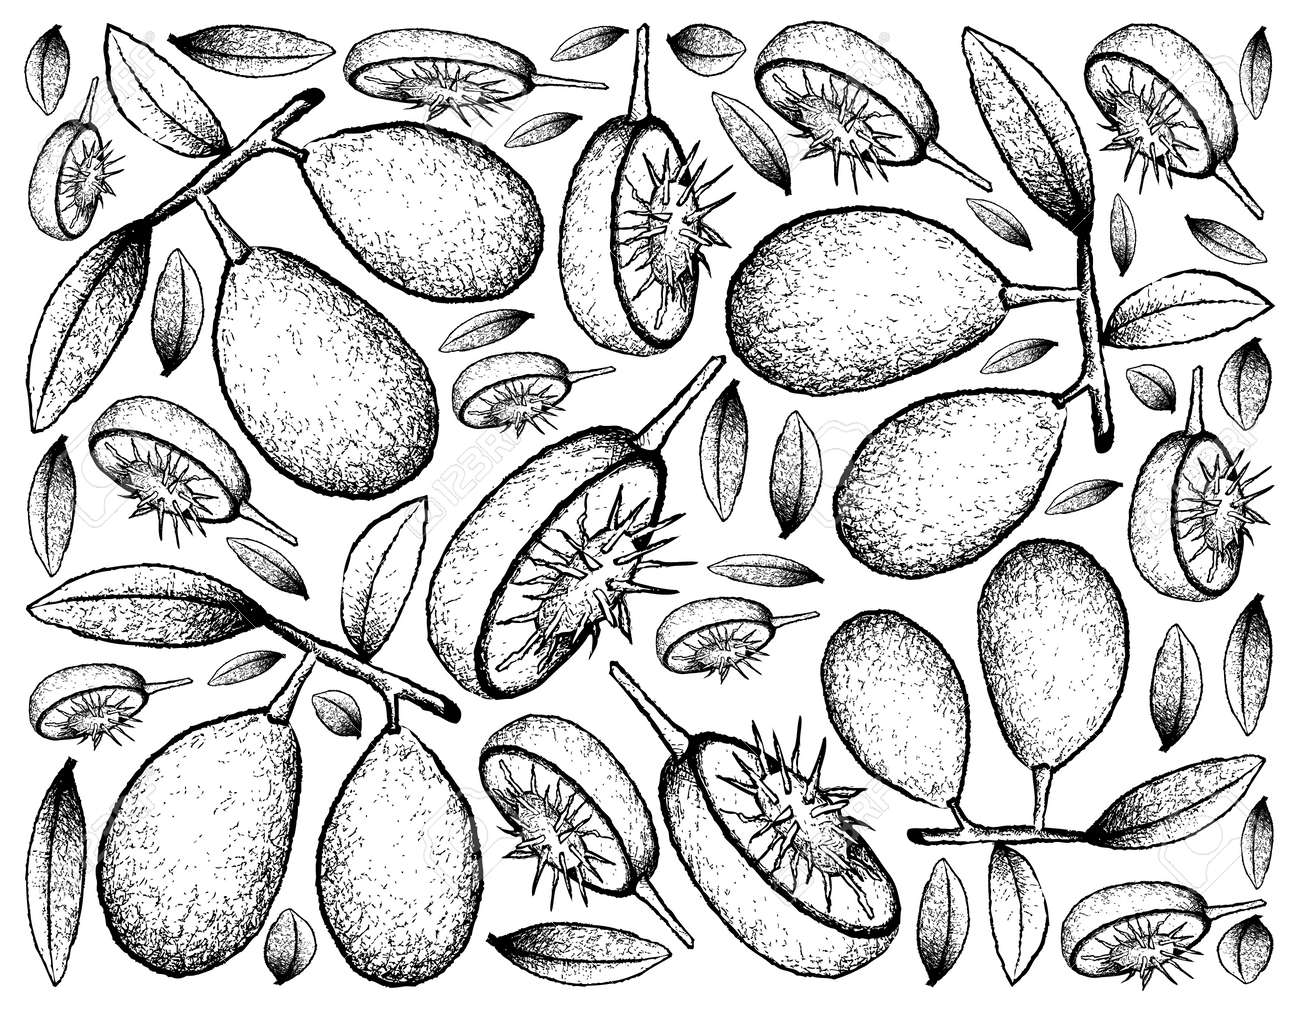 新鮮なアンバレラやスポンディアス ダルチスの果物の手描きのスケッチのトロピカルフルーツ イラストの壁紙の背景 のイラスト素材 ベクタ Image